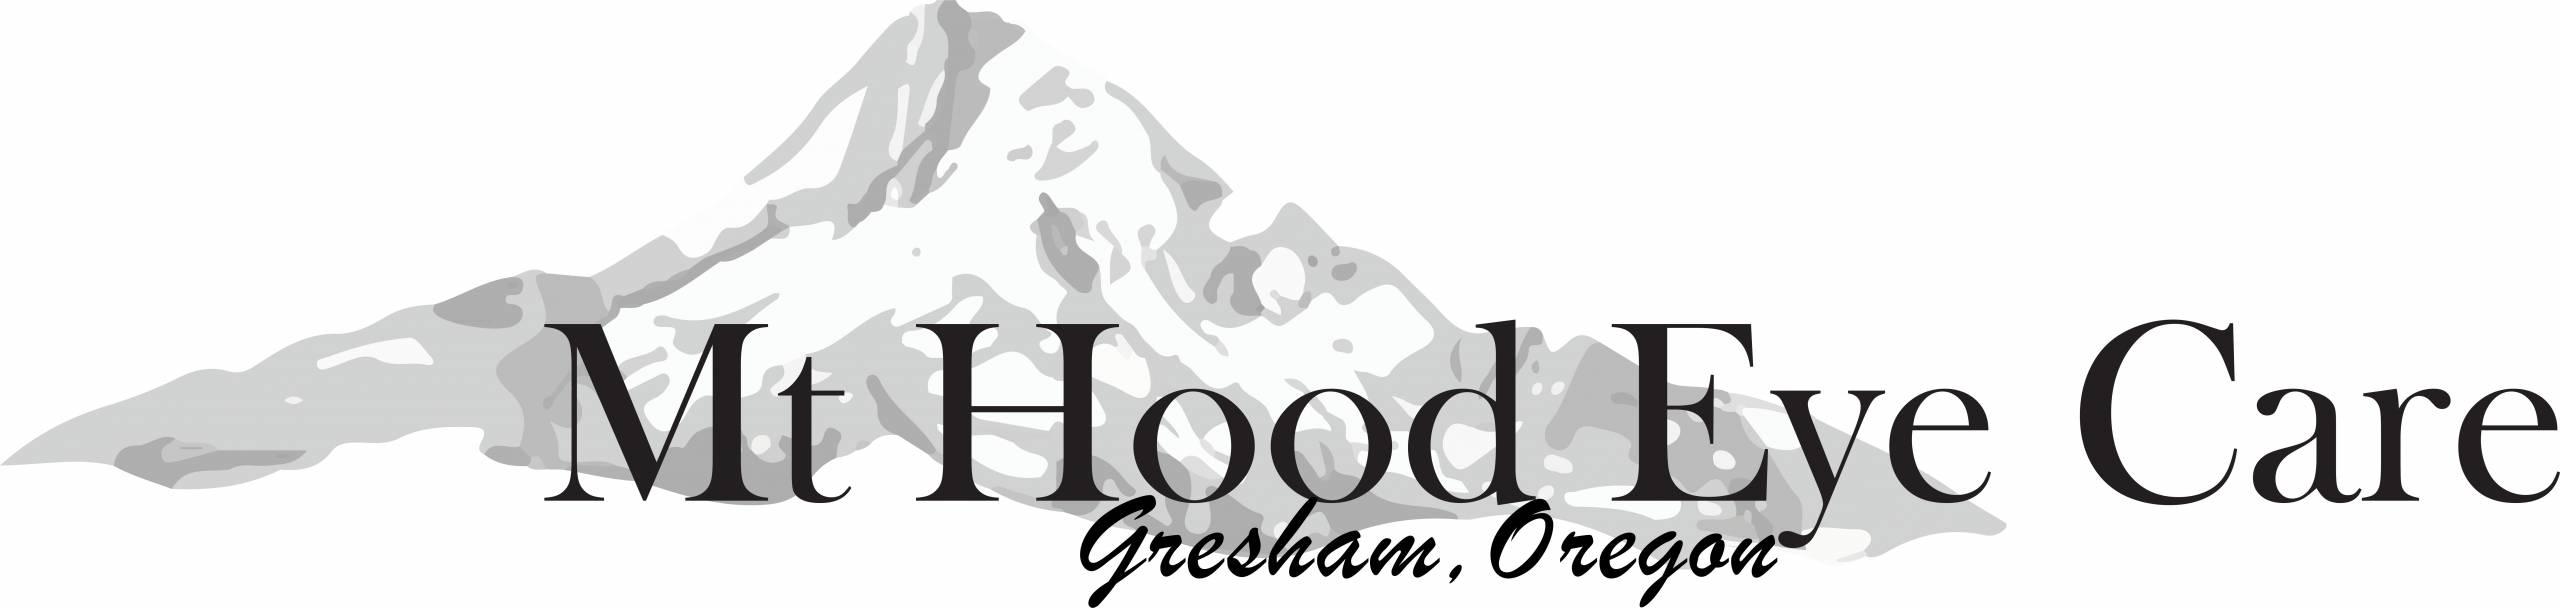 MHEC-edited-Gresham-OR-scaled